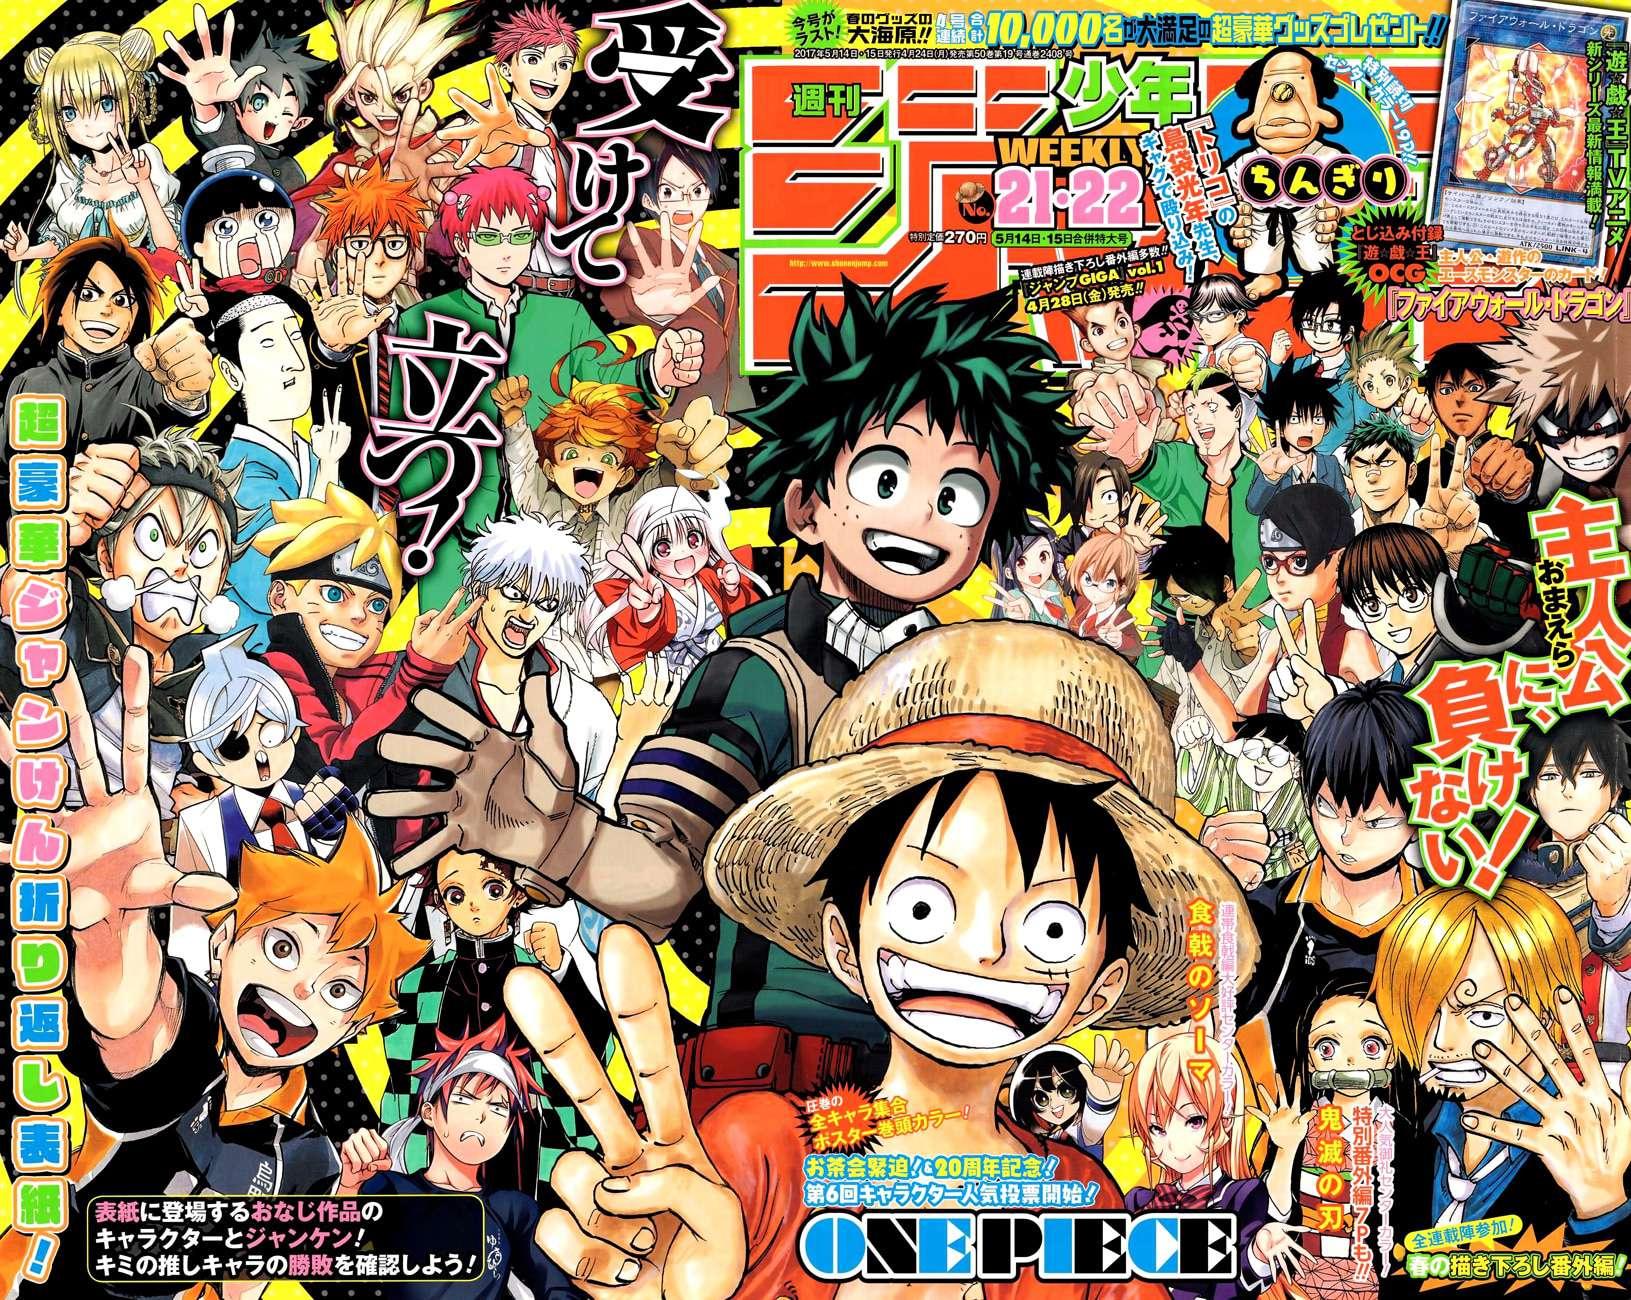 ون بيس 863, One Piece 863